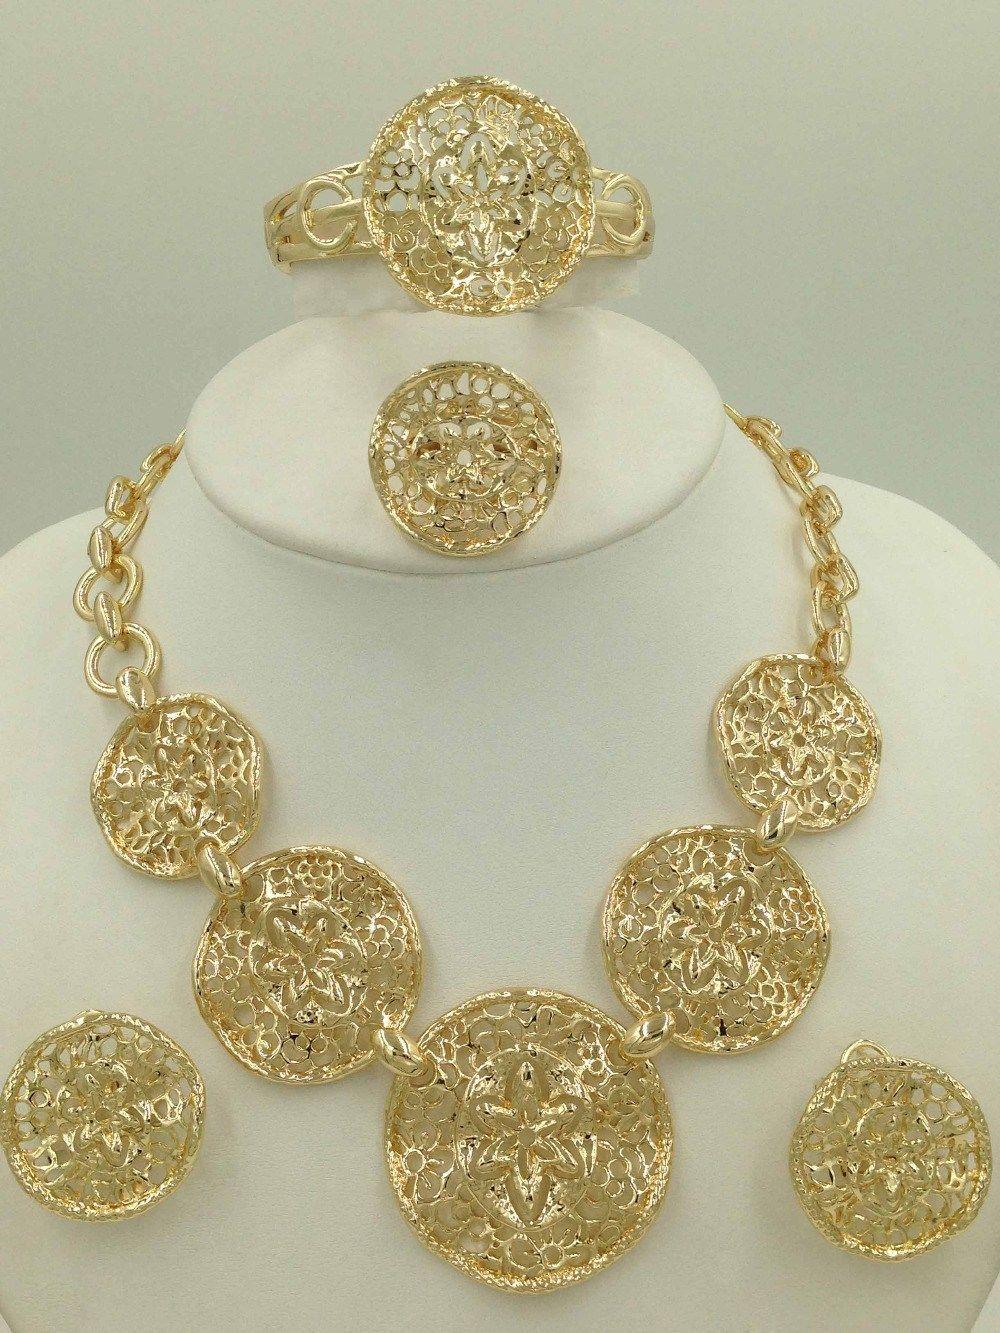 Gold Jewelry In Dubai Online 1000 Earrings Ideas imagr Pinterest